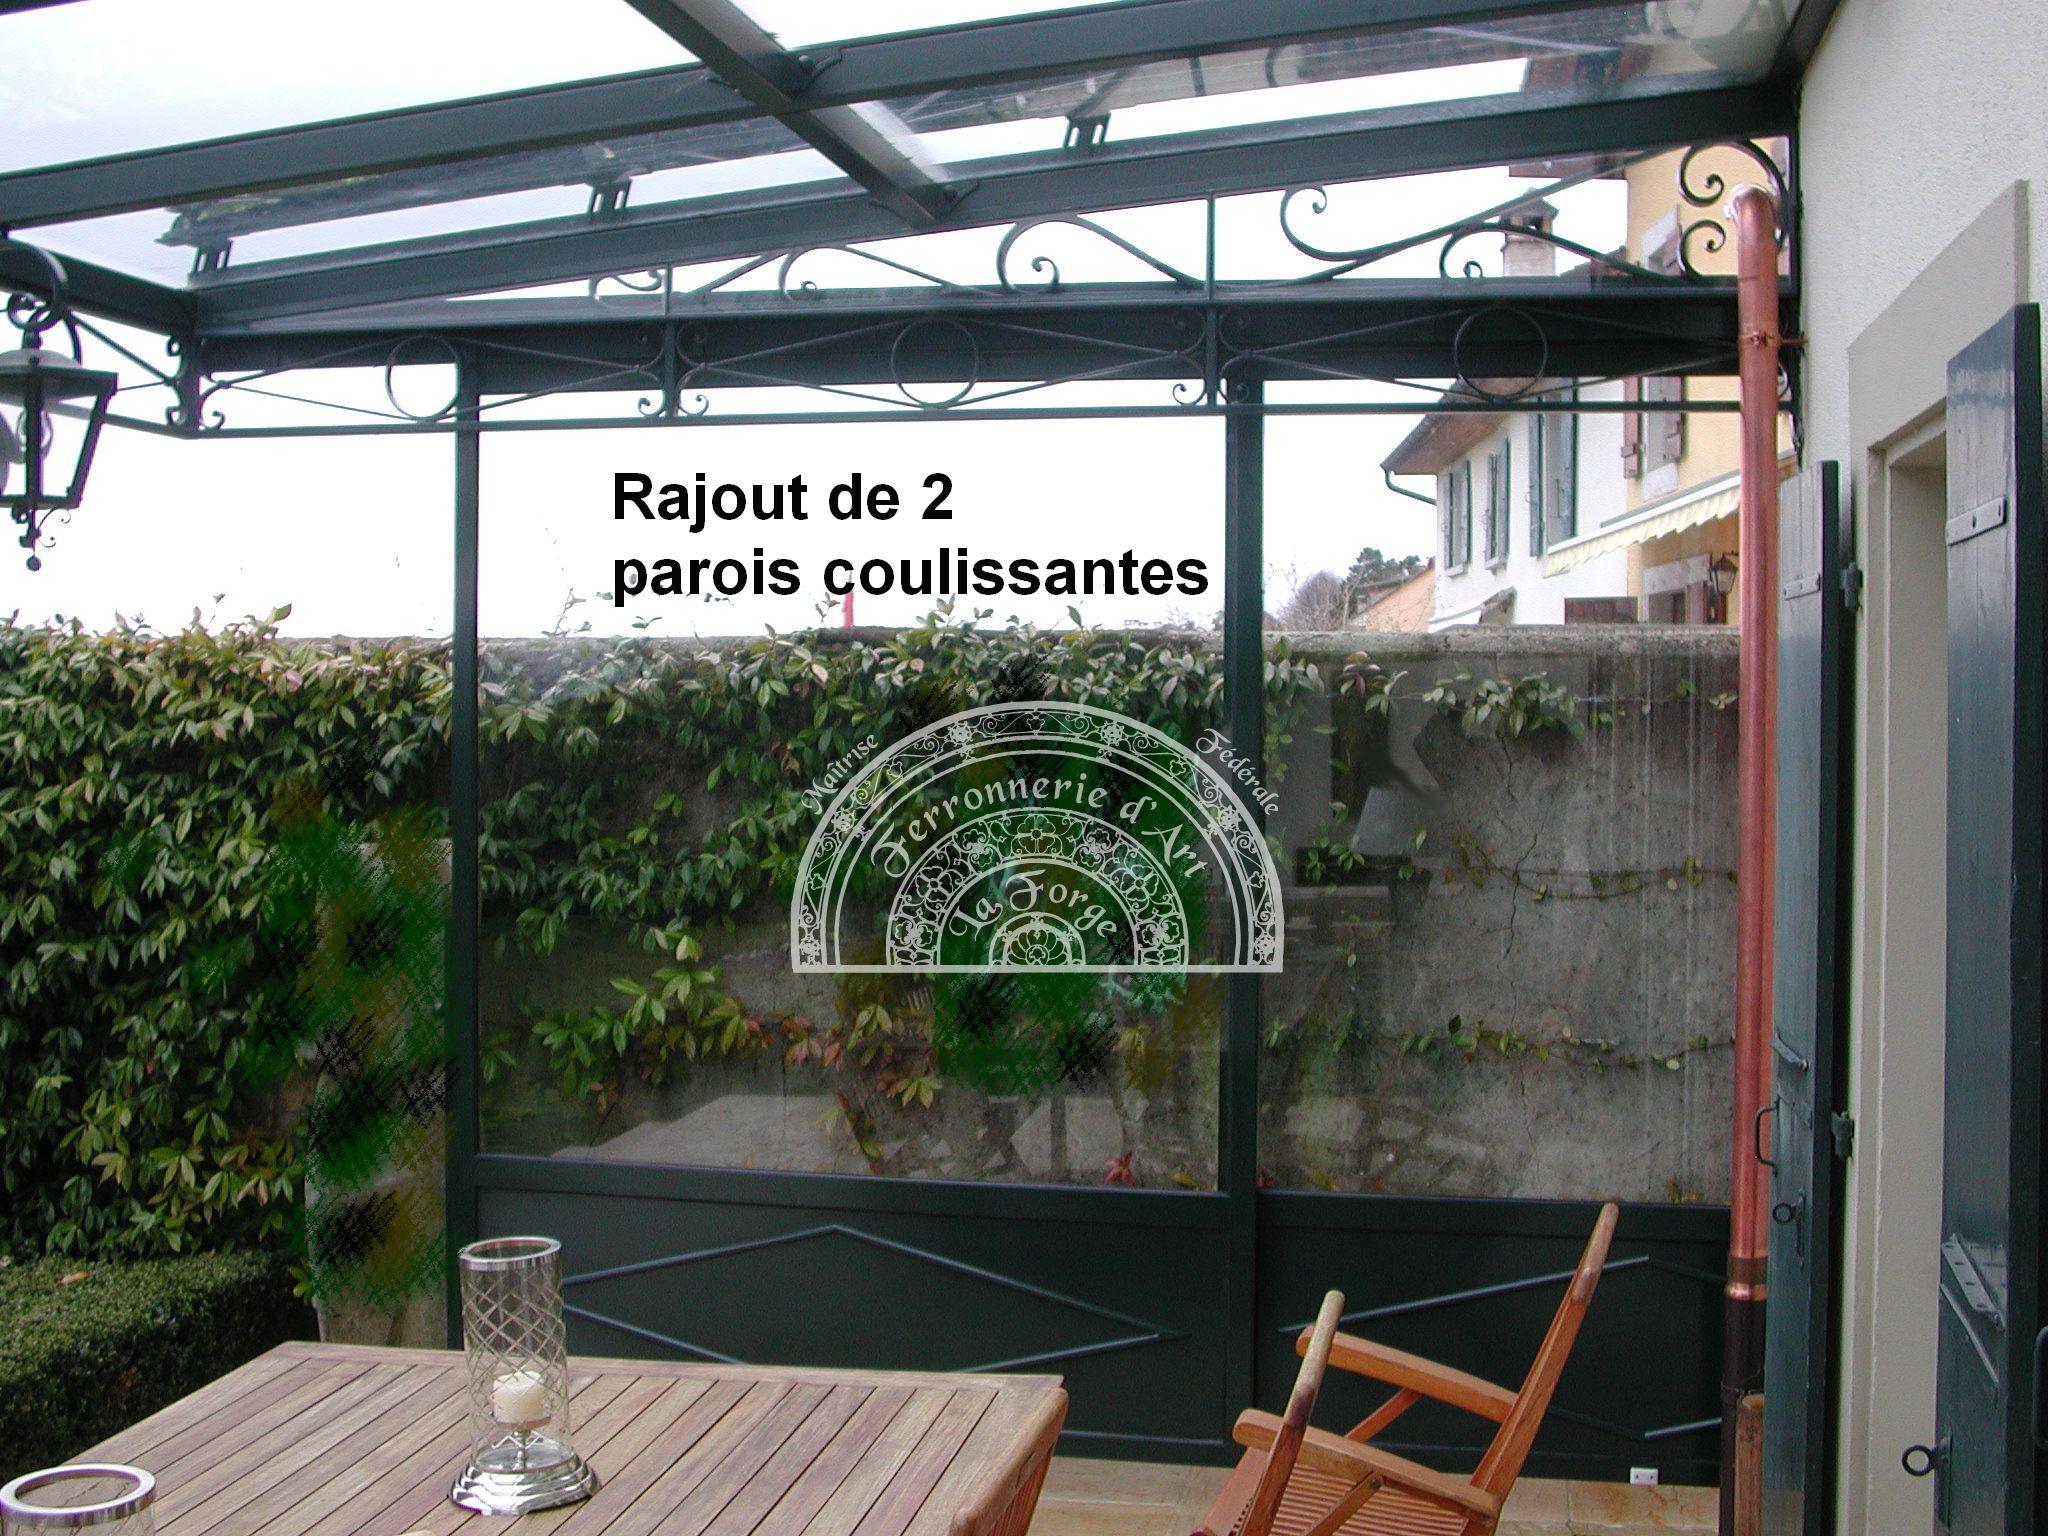 Marquise. Rajout Parois Coulissantes (3) - Raffaele ... concernant Marquise Fer Forgé Occasion